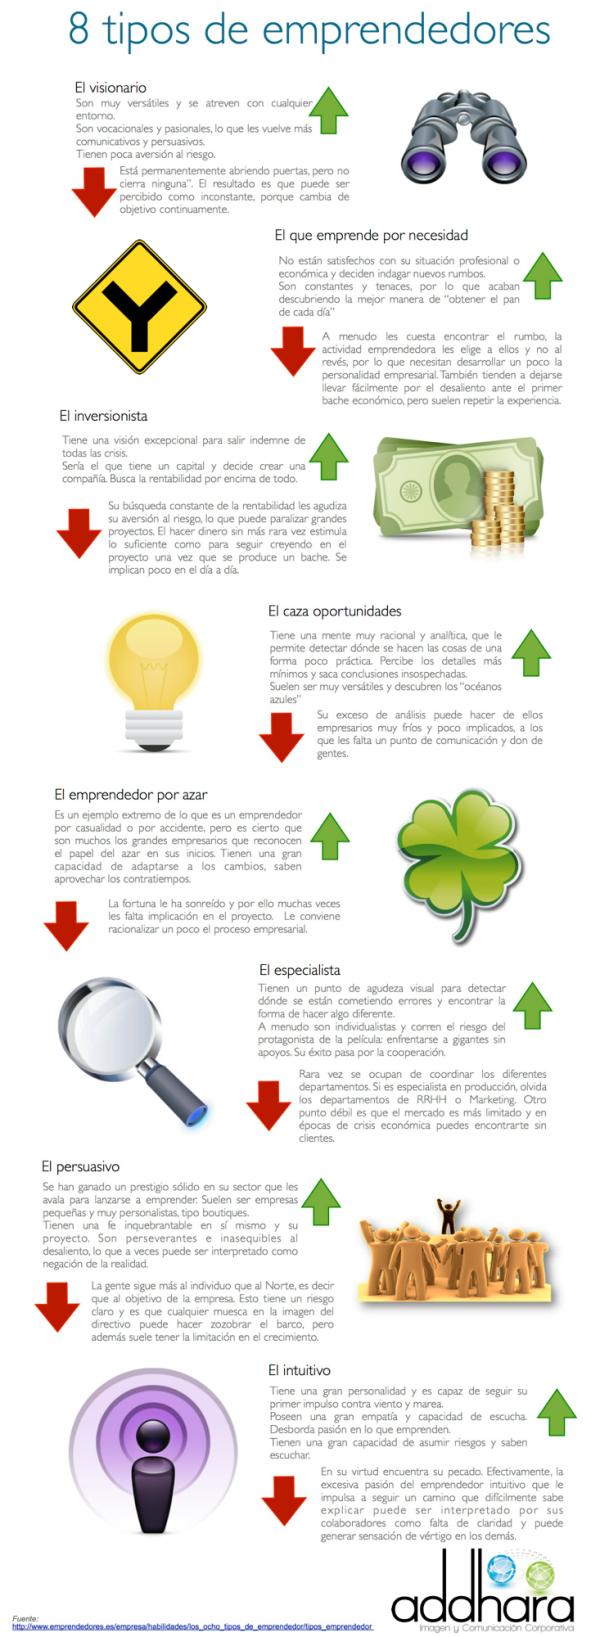 8-tipos-de-emprendedores